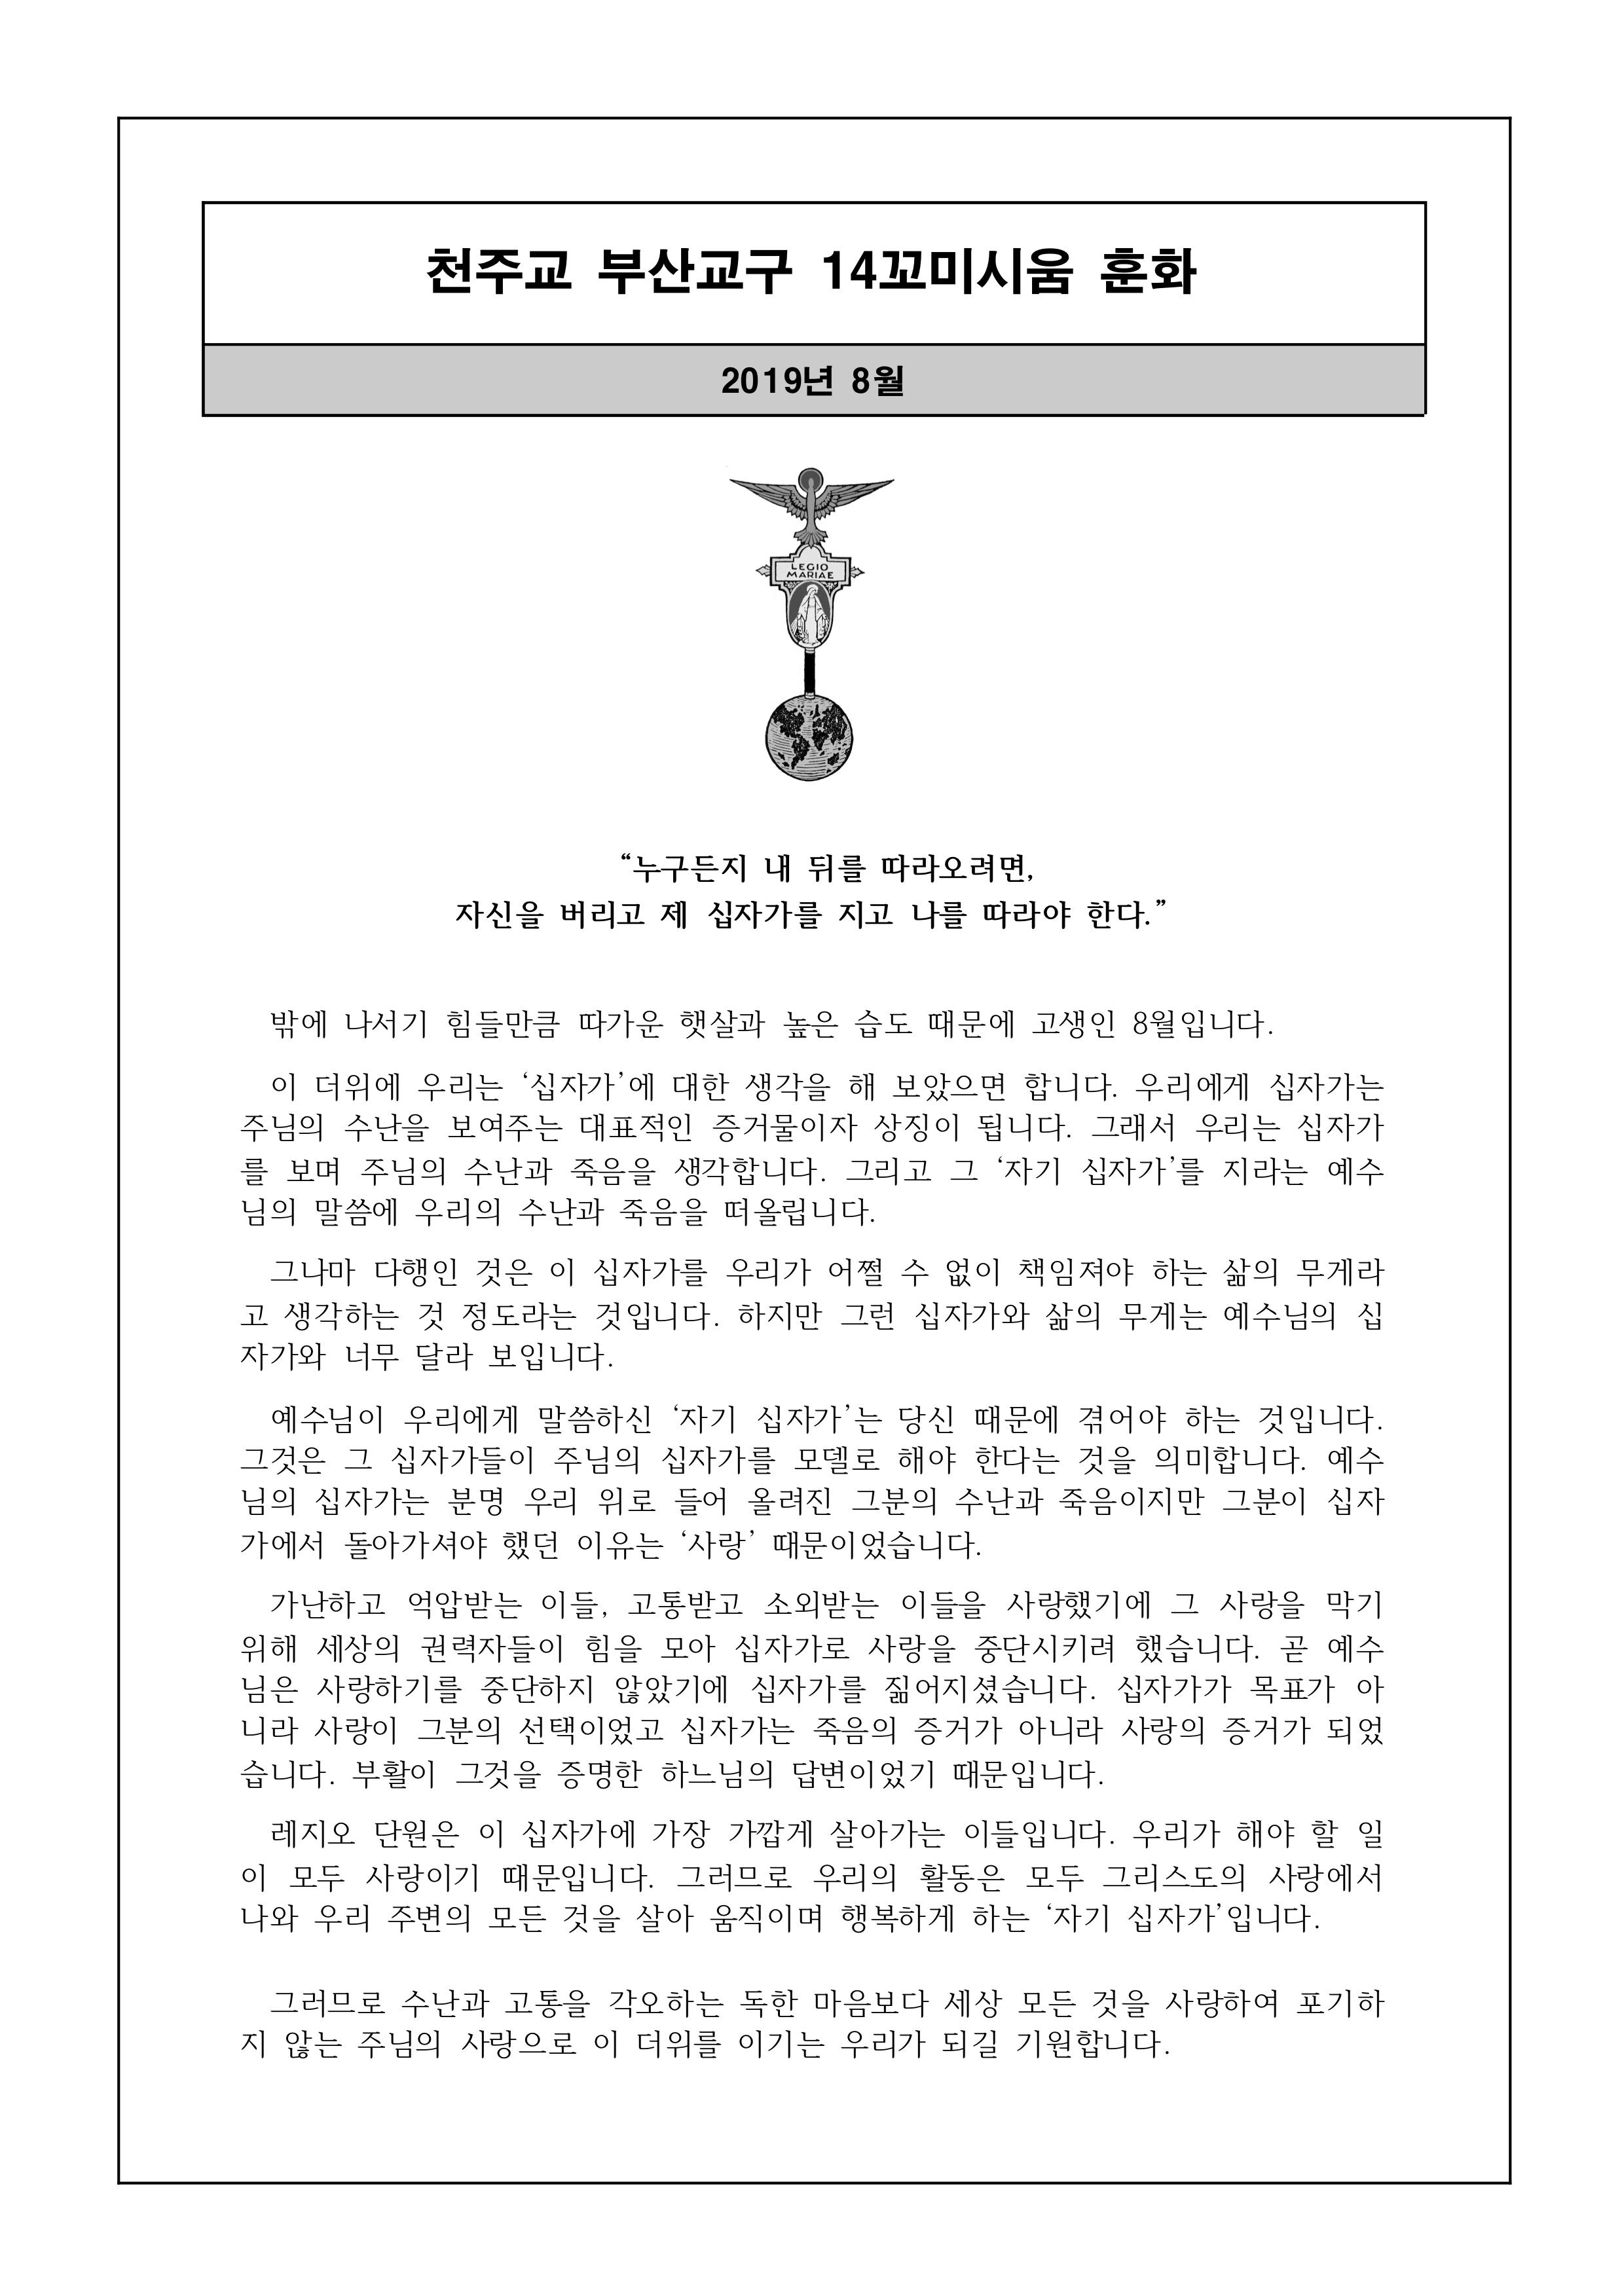 2019년 8월 꼬미시움 훈화.jpg